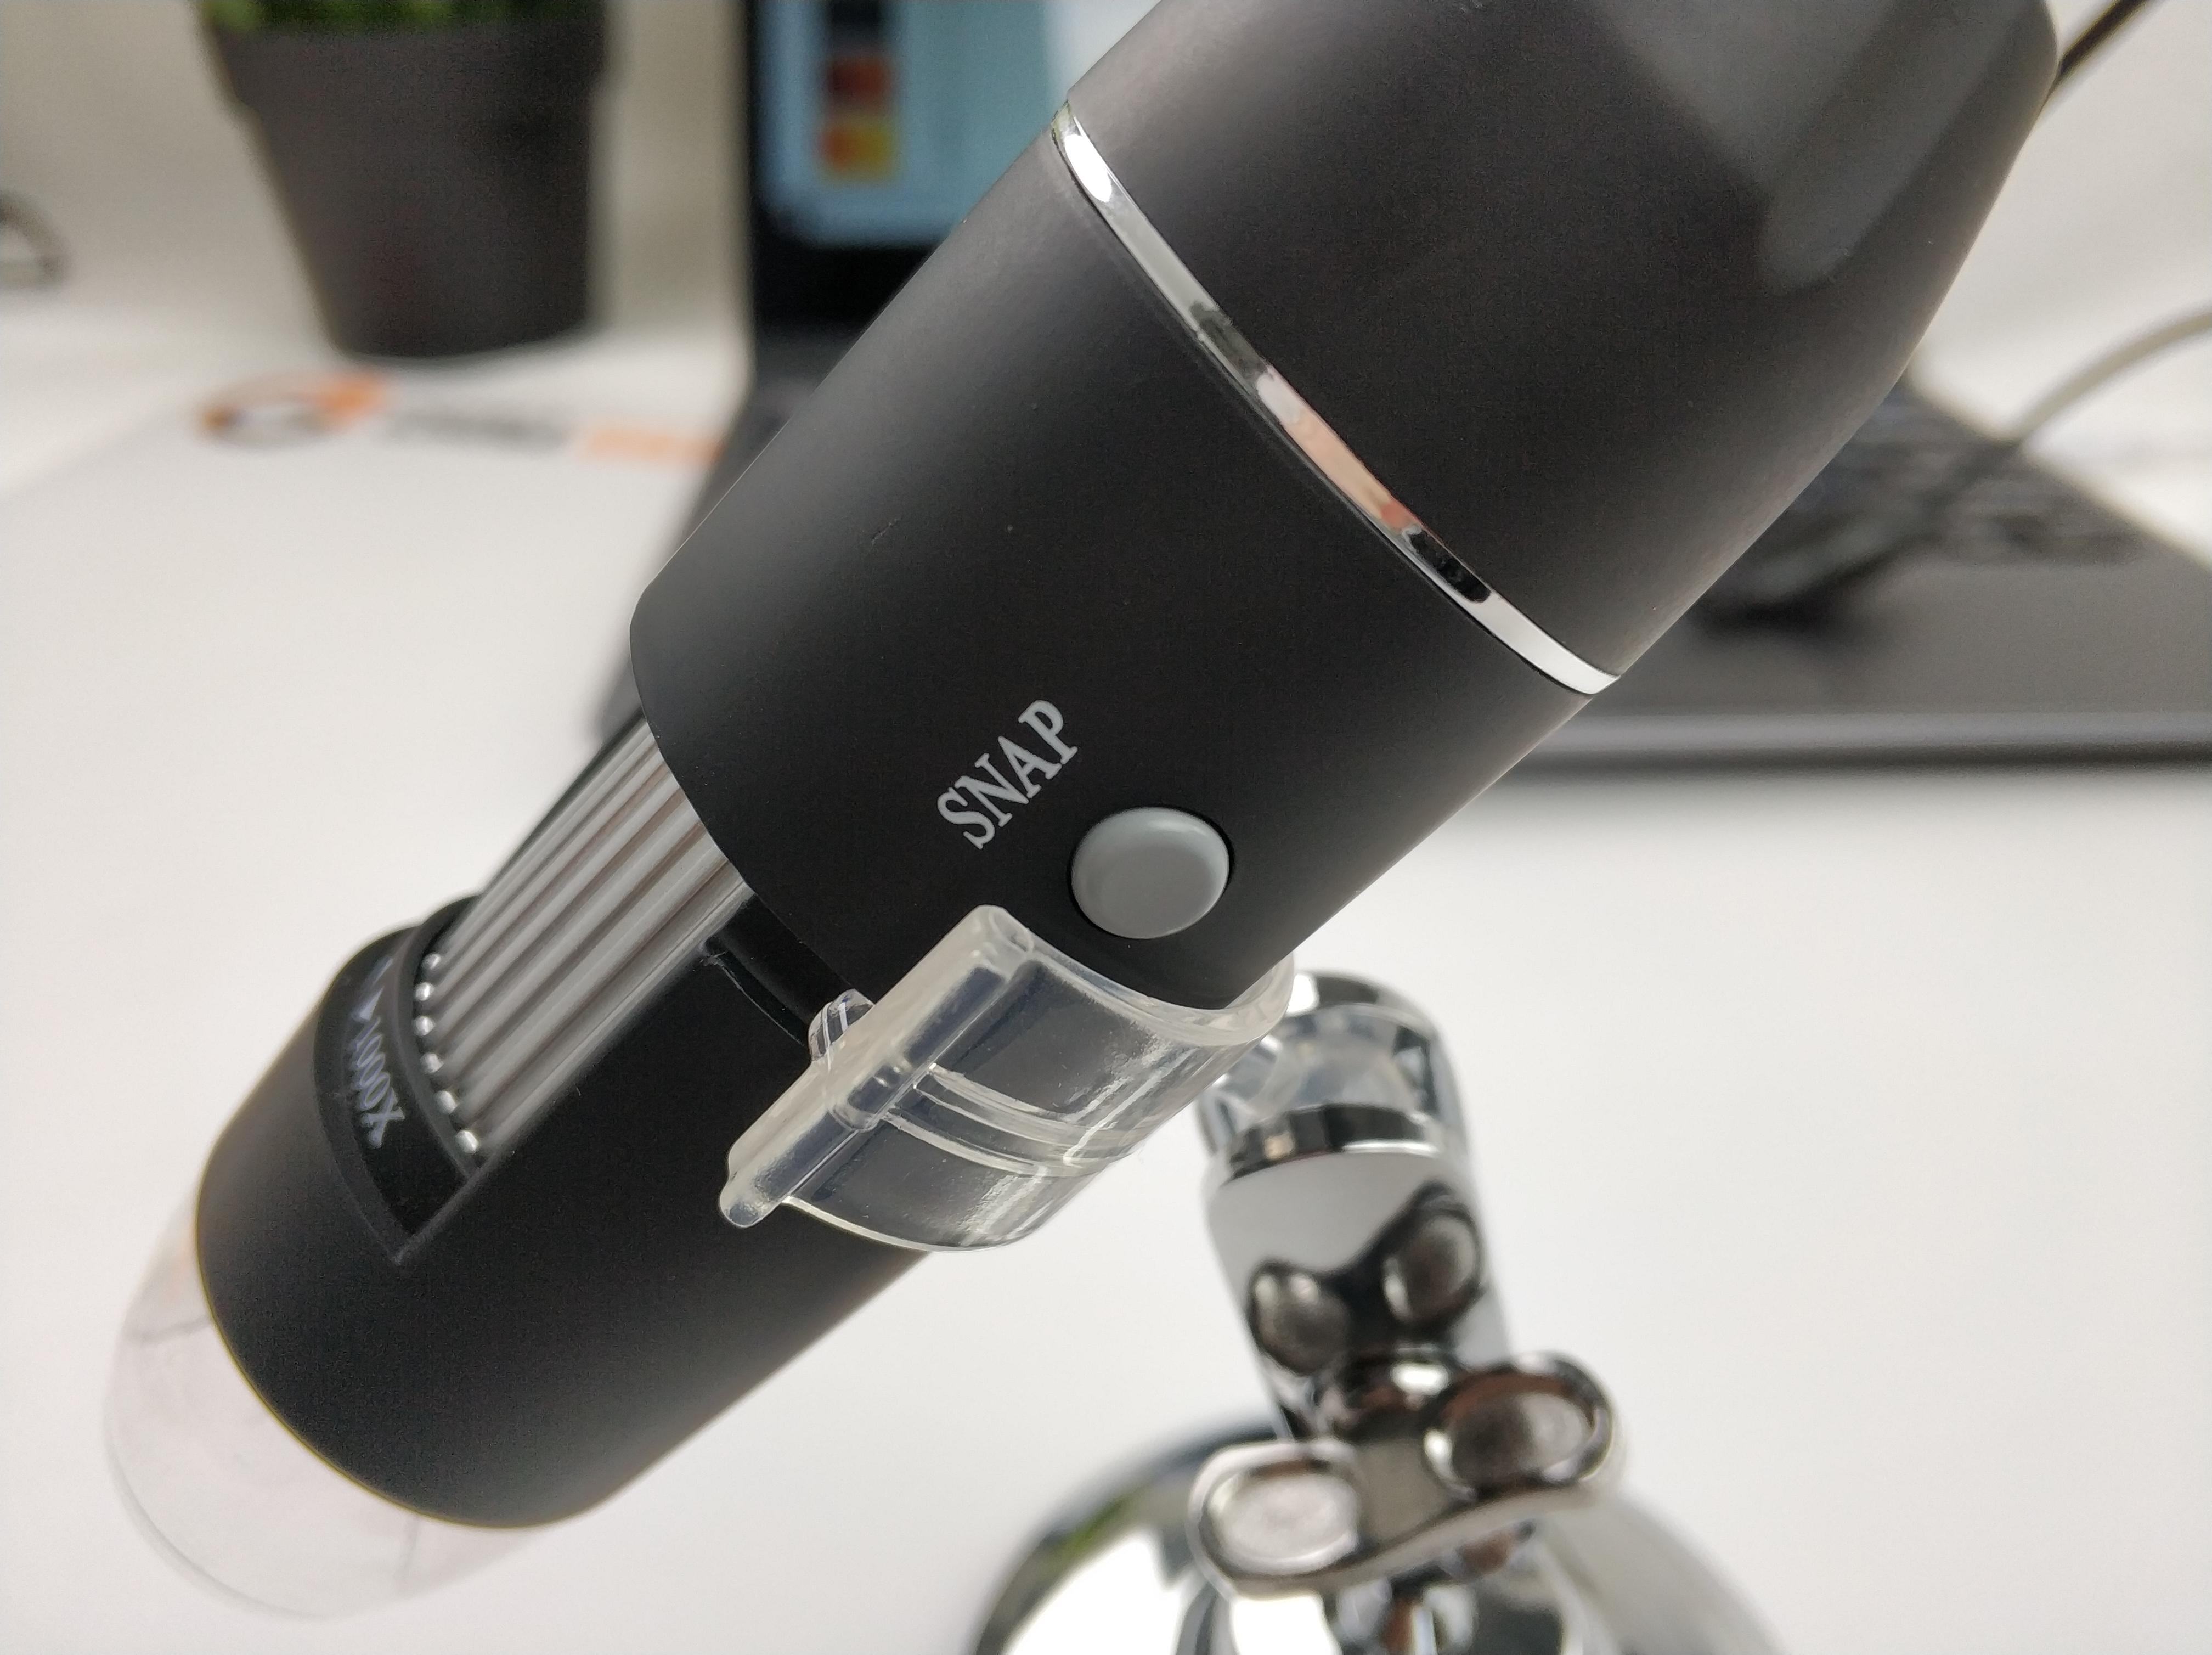 Usb mikroskop mit facher vergrößerung für u ac